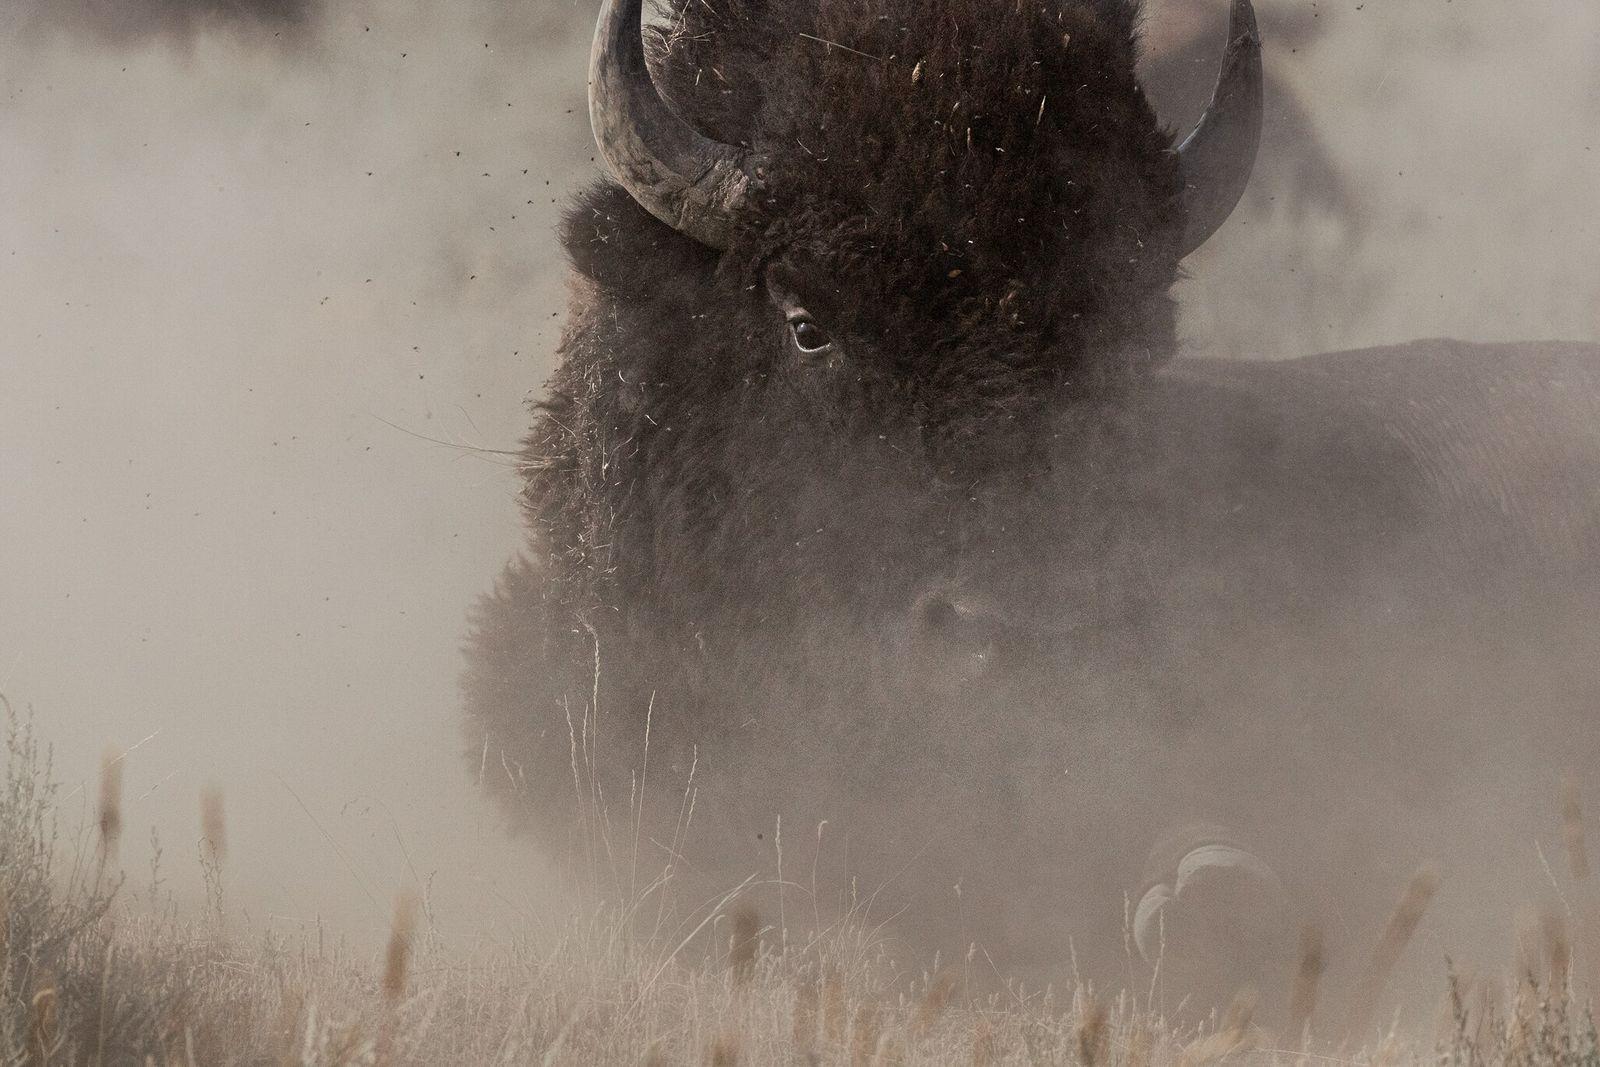 Fotografía de un bisonte revolcándose en el polvo